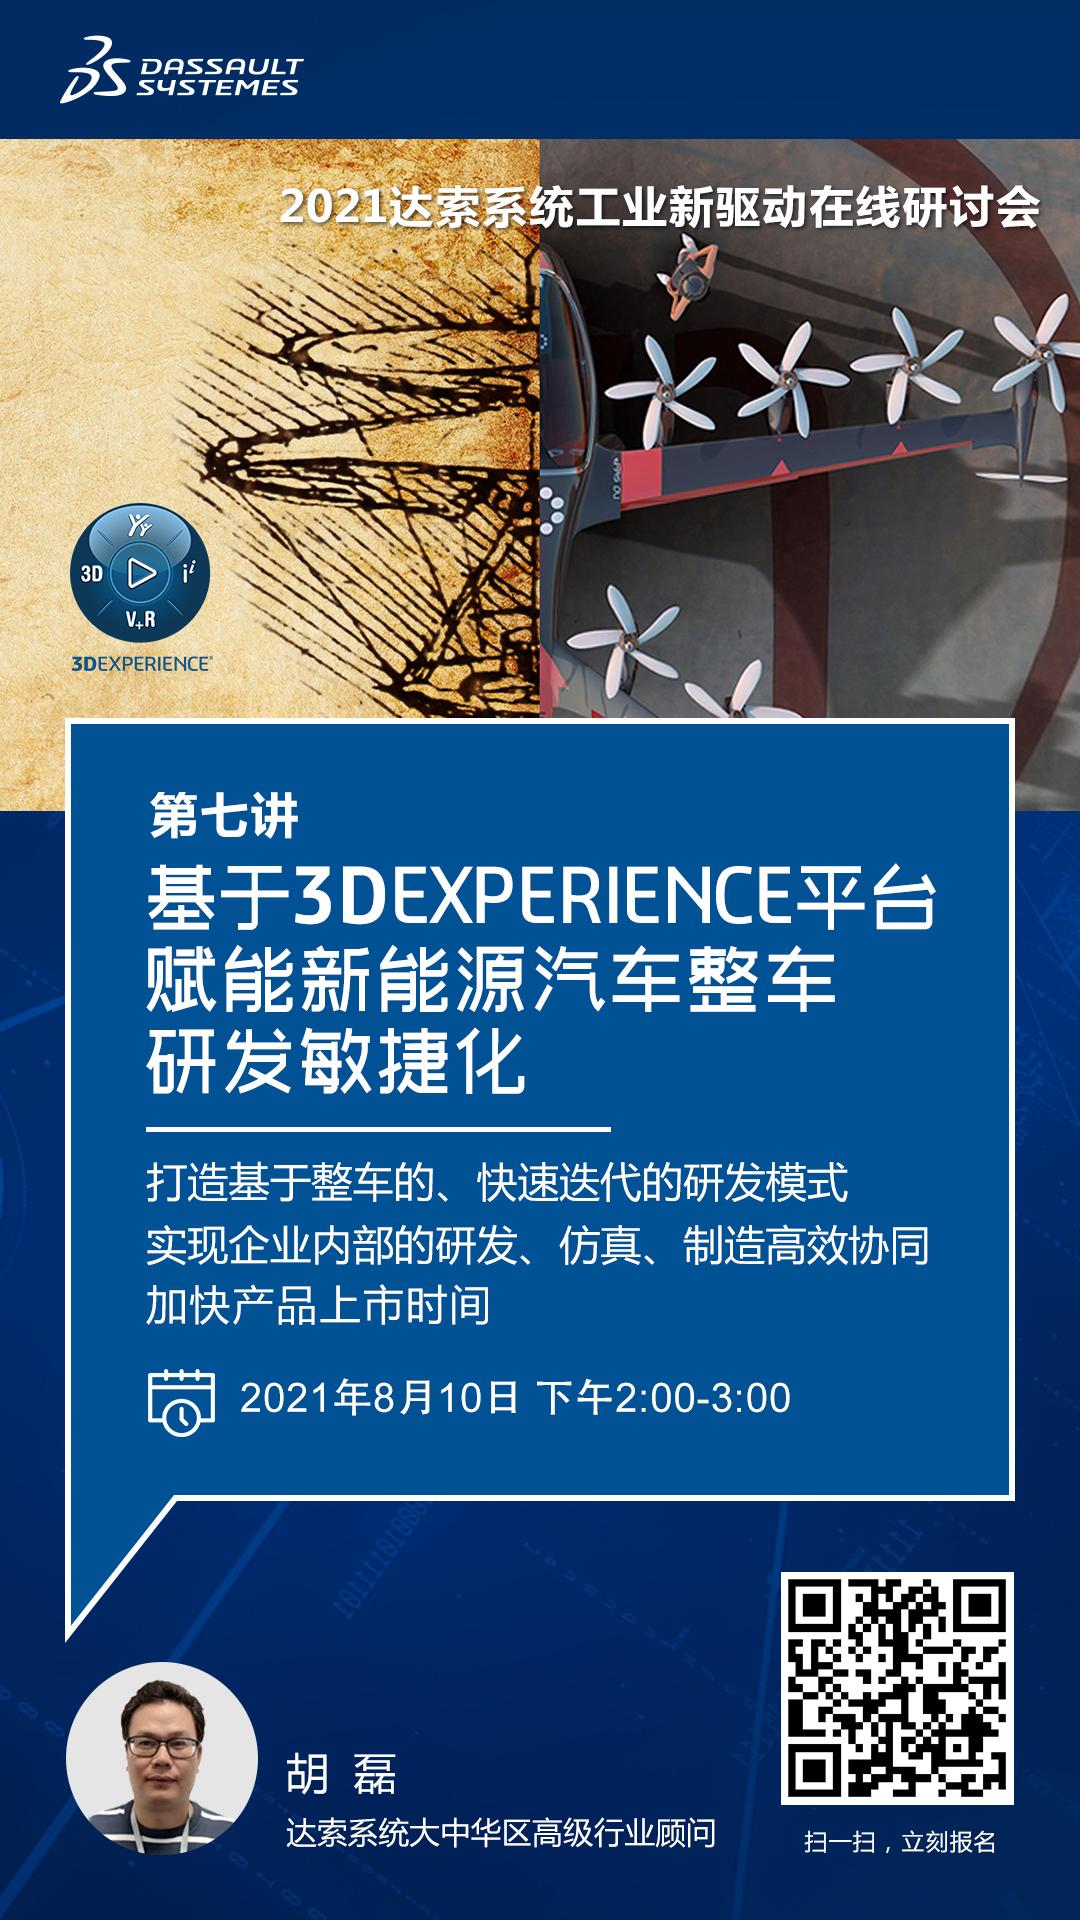 基于3DEXPERIENCE平台 赋能新能源汽车整车研发敏捷化-软易达_PLM BIM CATIA